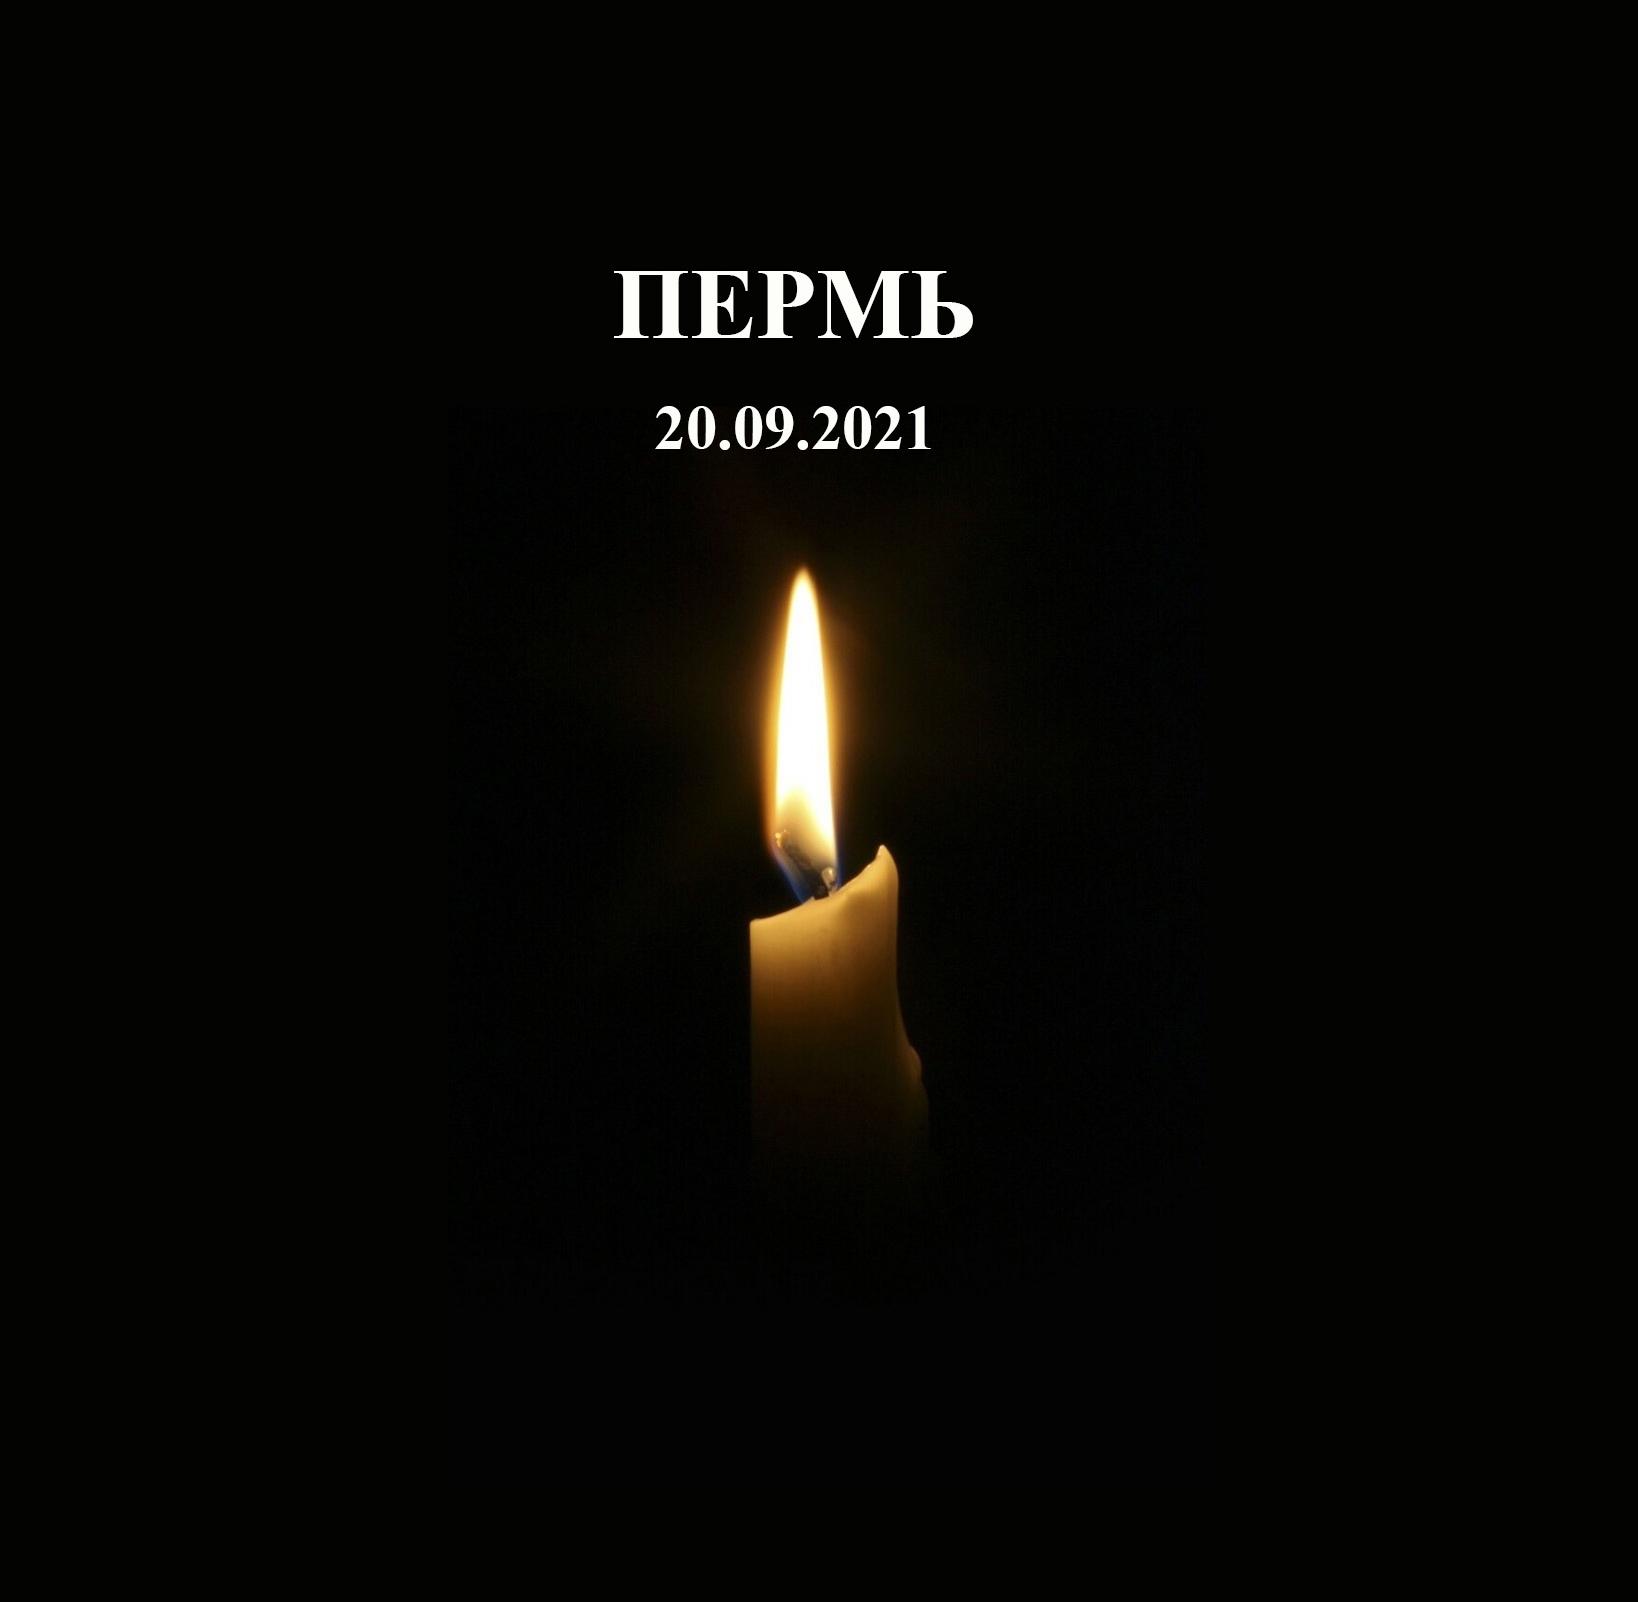 Глава Крыма выразил соболезнования пострадавшим и семьям погибших в Перми